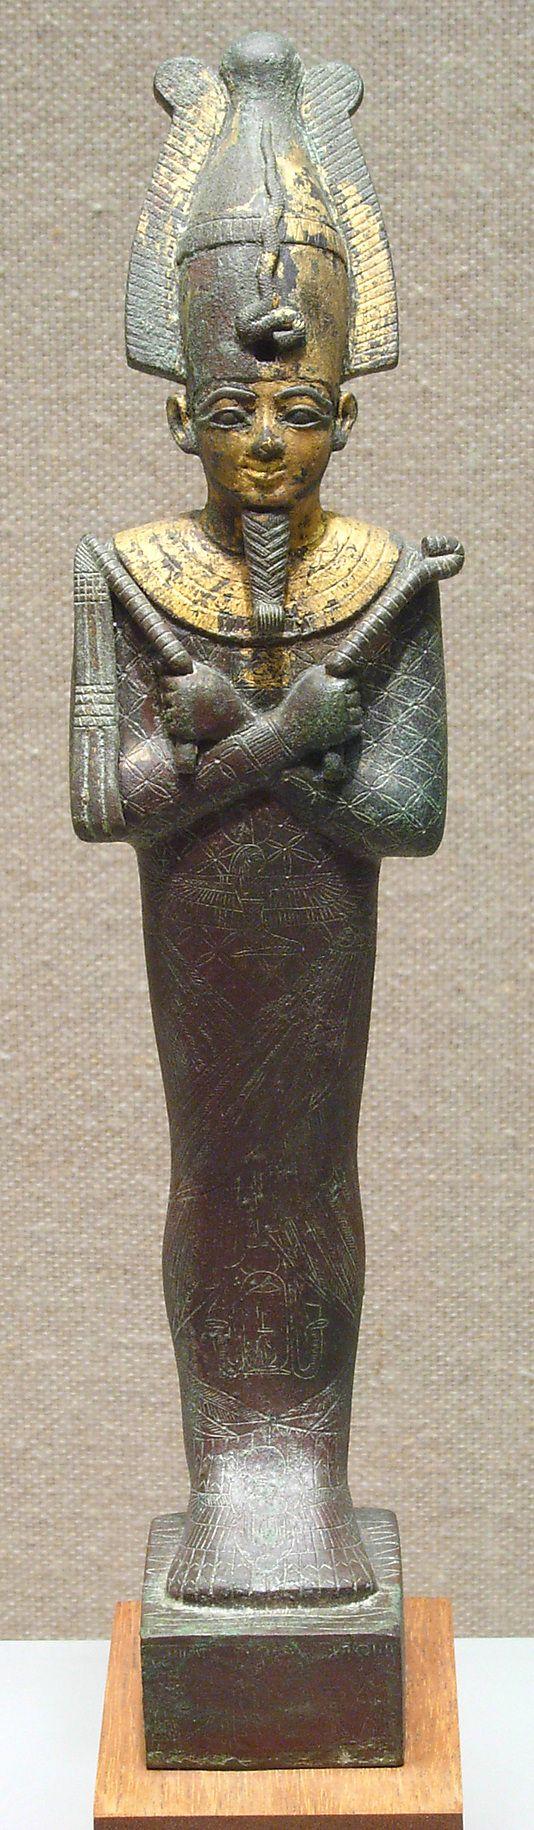 Osiris: Comenzó siendo un monarca civilizador que enseñó la agricultura y las artes a sus súbditos. Muerto por su hermano Seth una vez en los infiernos se convirtió en el soberano de los muertos y de la vegetación marchita.  Se le representa bajo formas múltiples, con el cetro y el látigo en las manos y con la corona blanca con plumas y cuernos, presidiendo en numerosas ocasiones el tribunal de ultratumba.  Marido de Isis, también es un dios de la fertilidad. Estatua en Bronce. Época tardía.